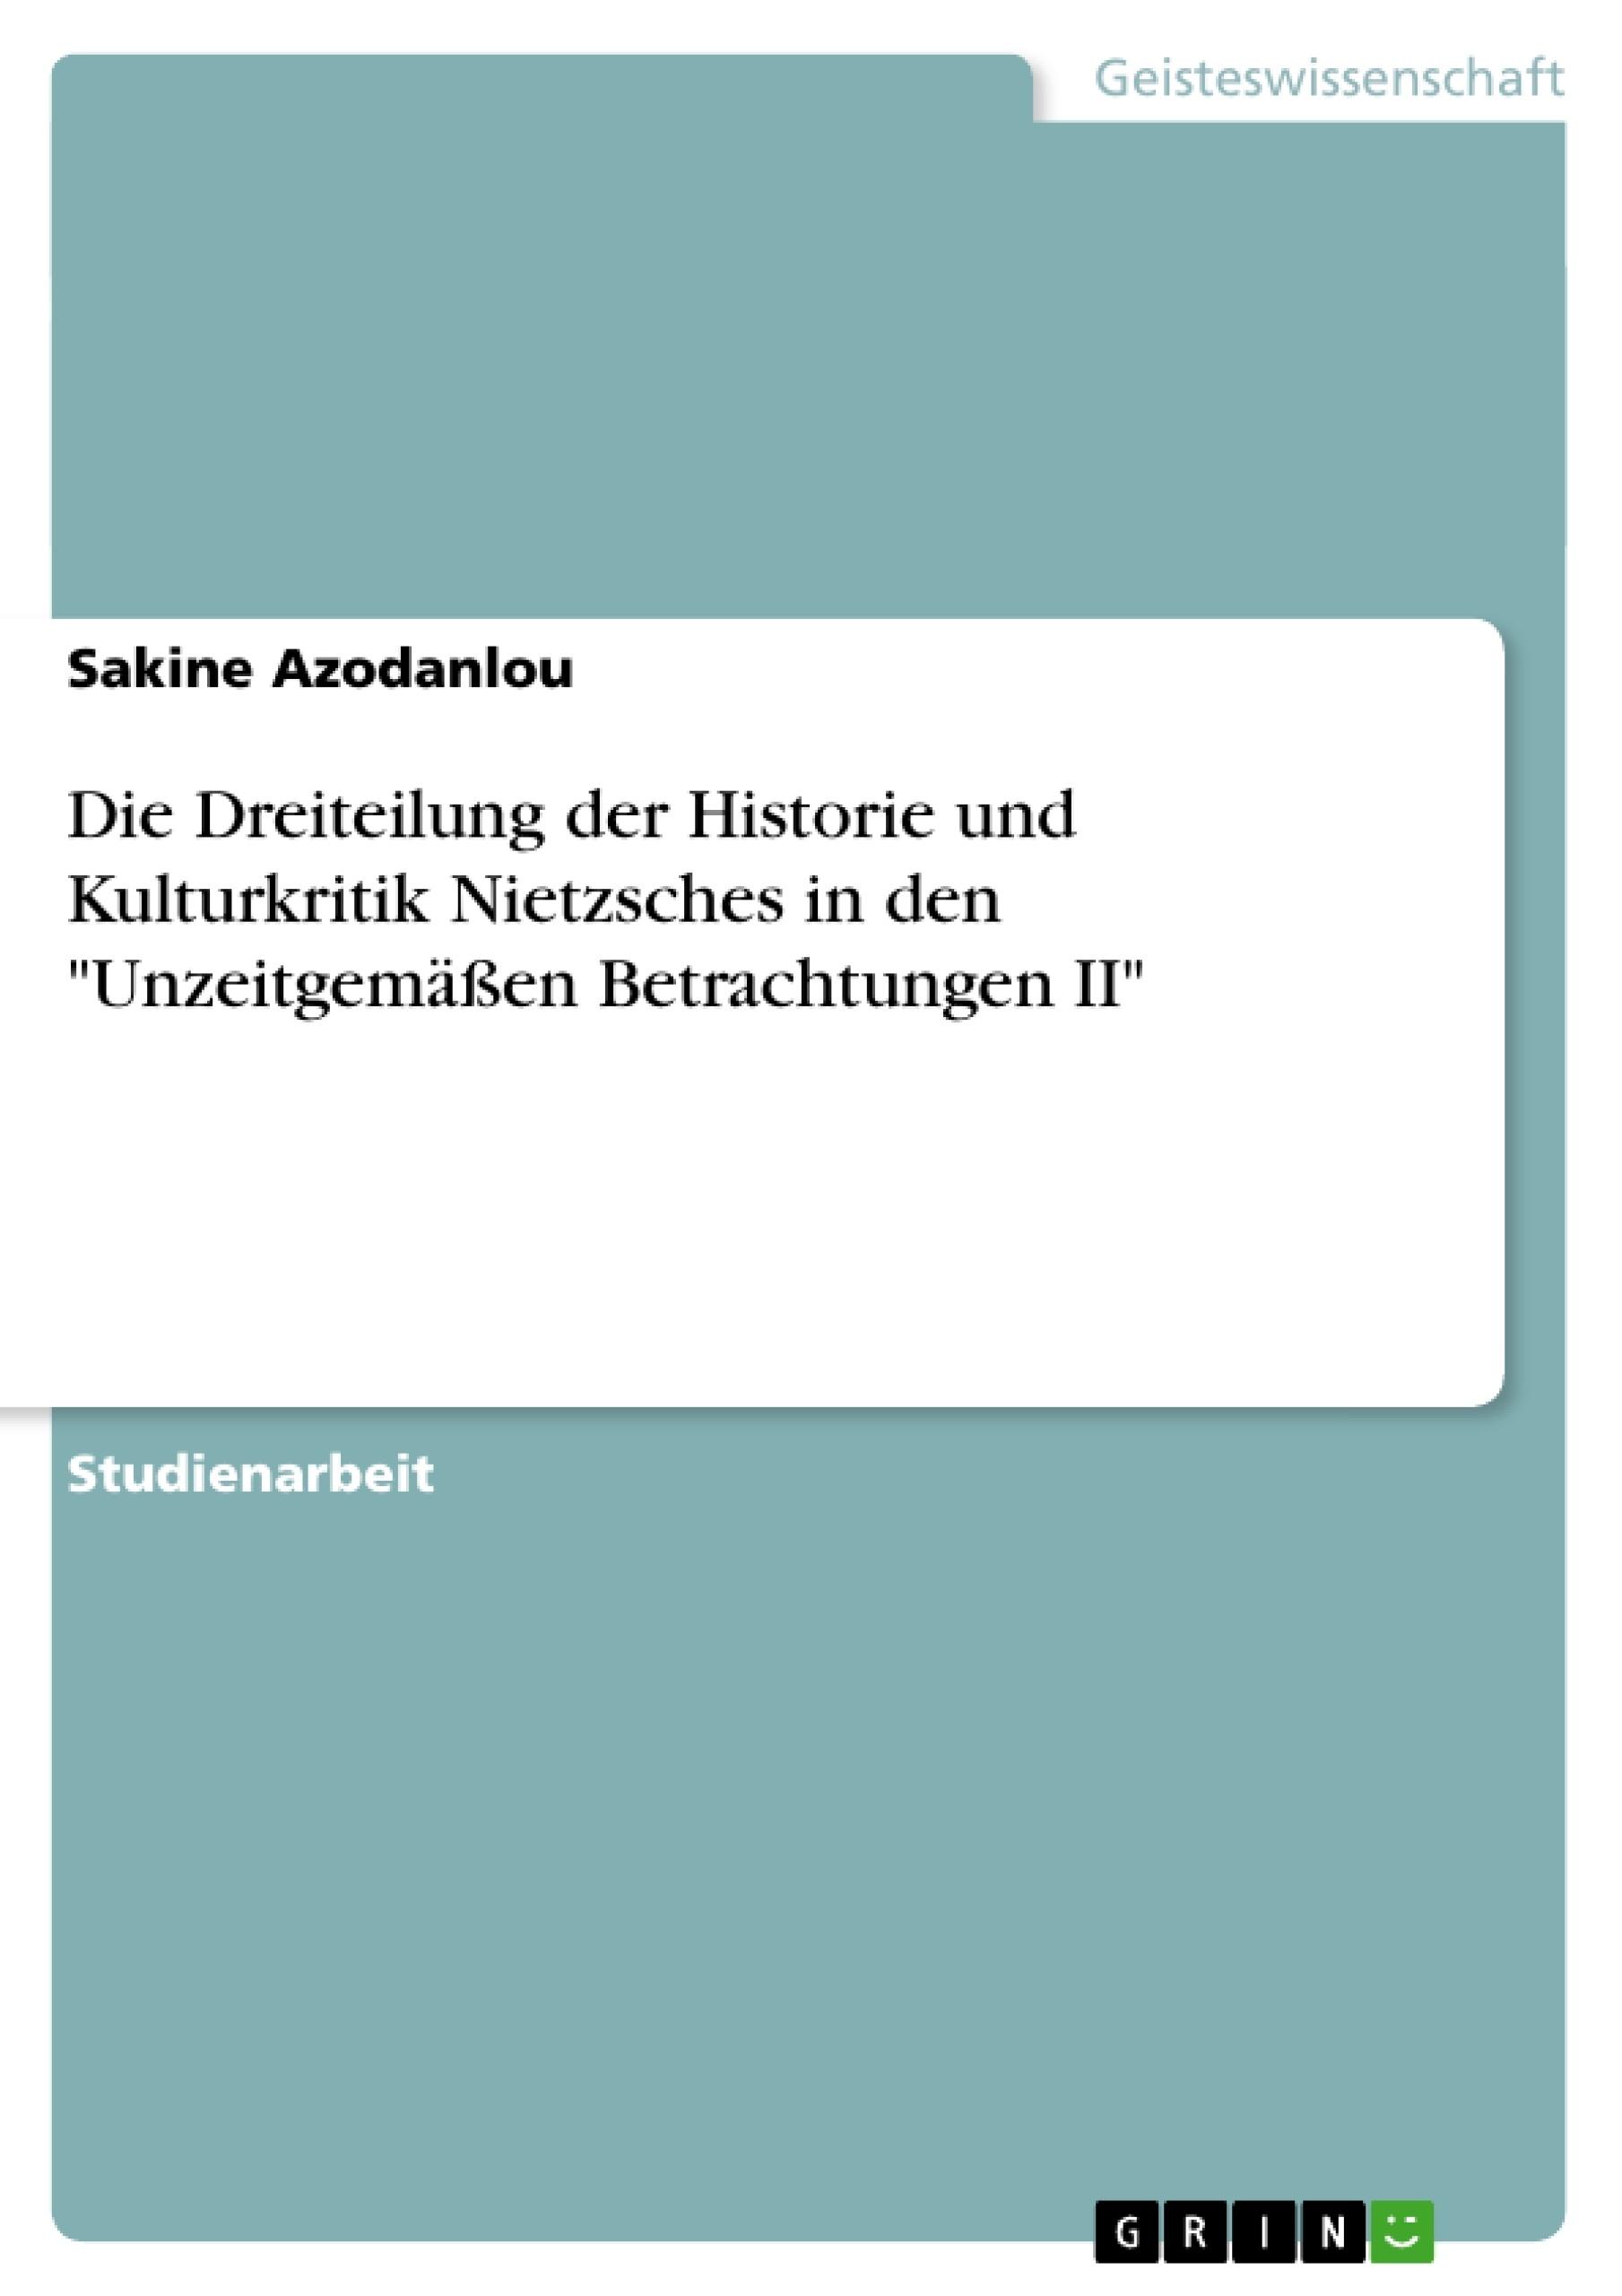 """Titel: Die Dreiteilung der Historie und Kulturkritik Nietzsches in den """"Unzeitgemäßen Betrachtungen II"""""""